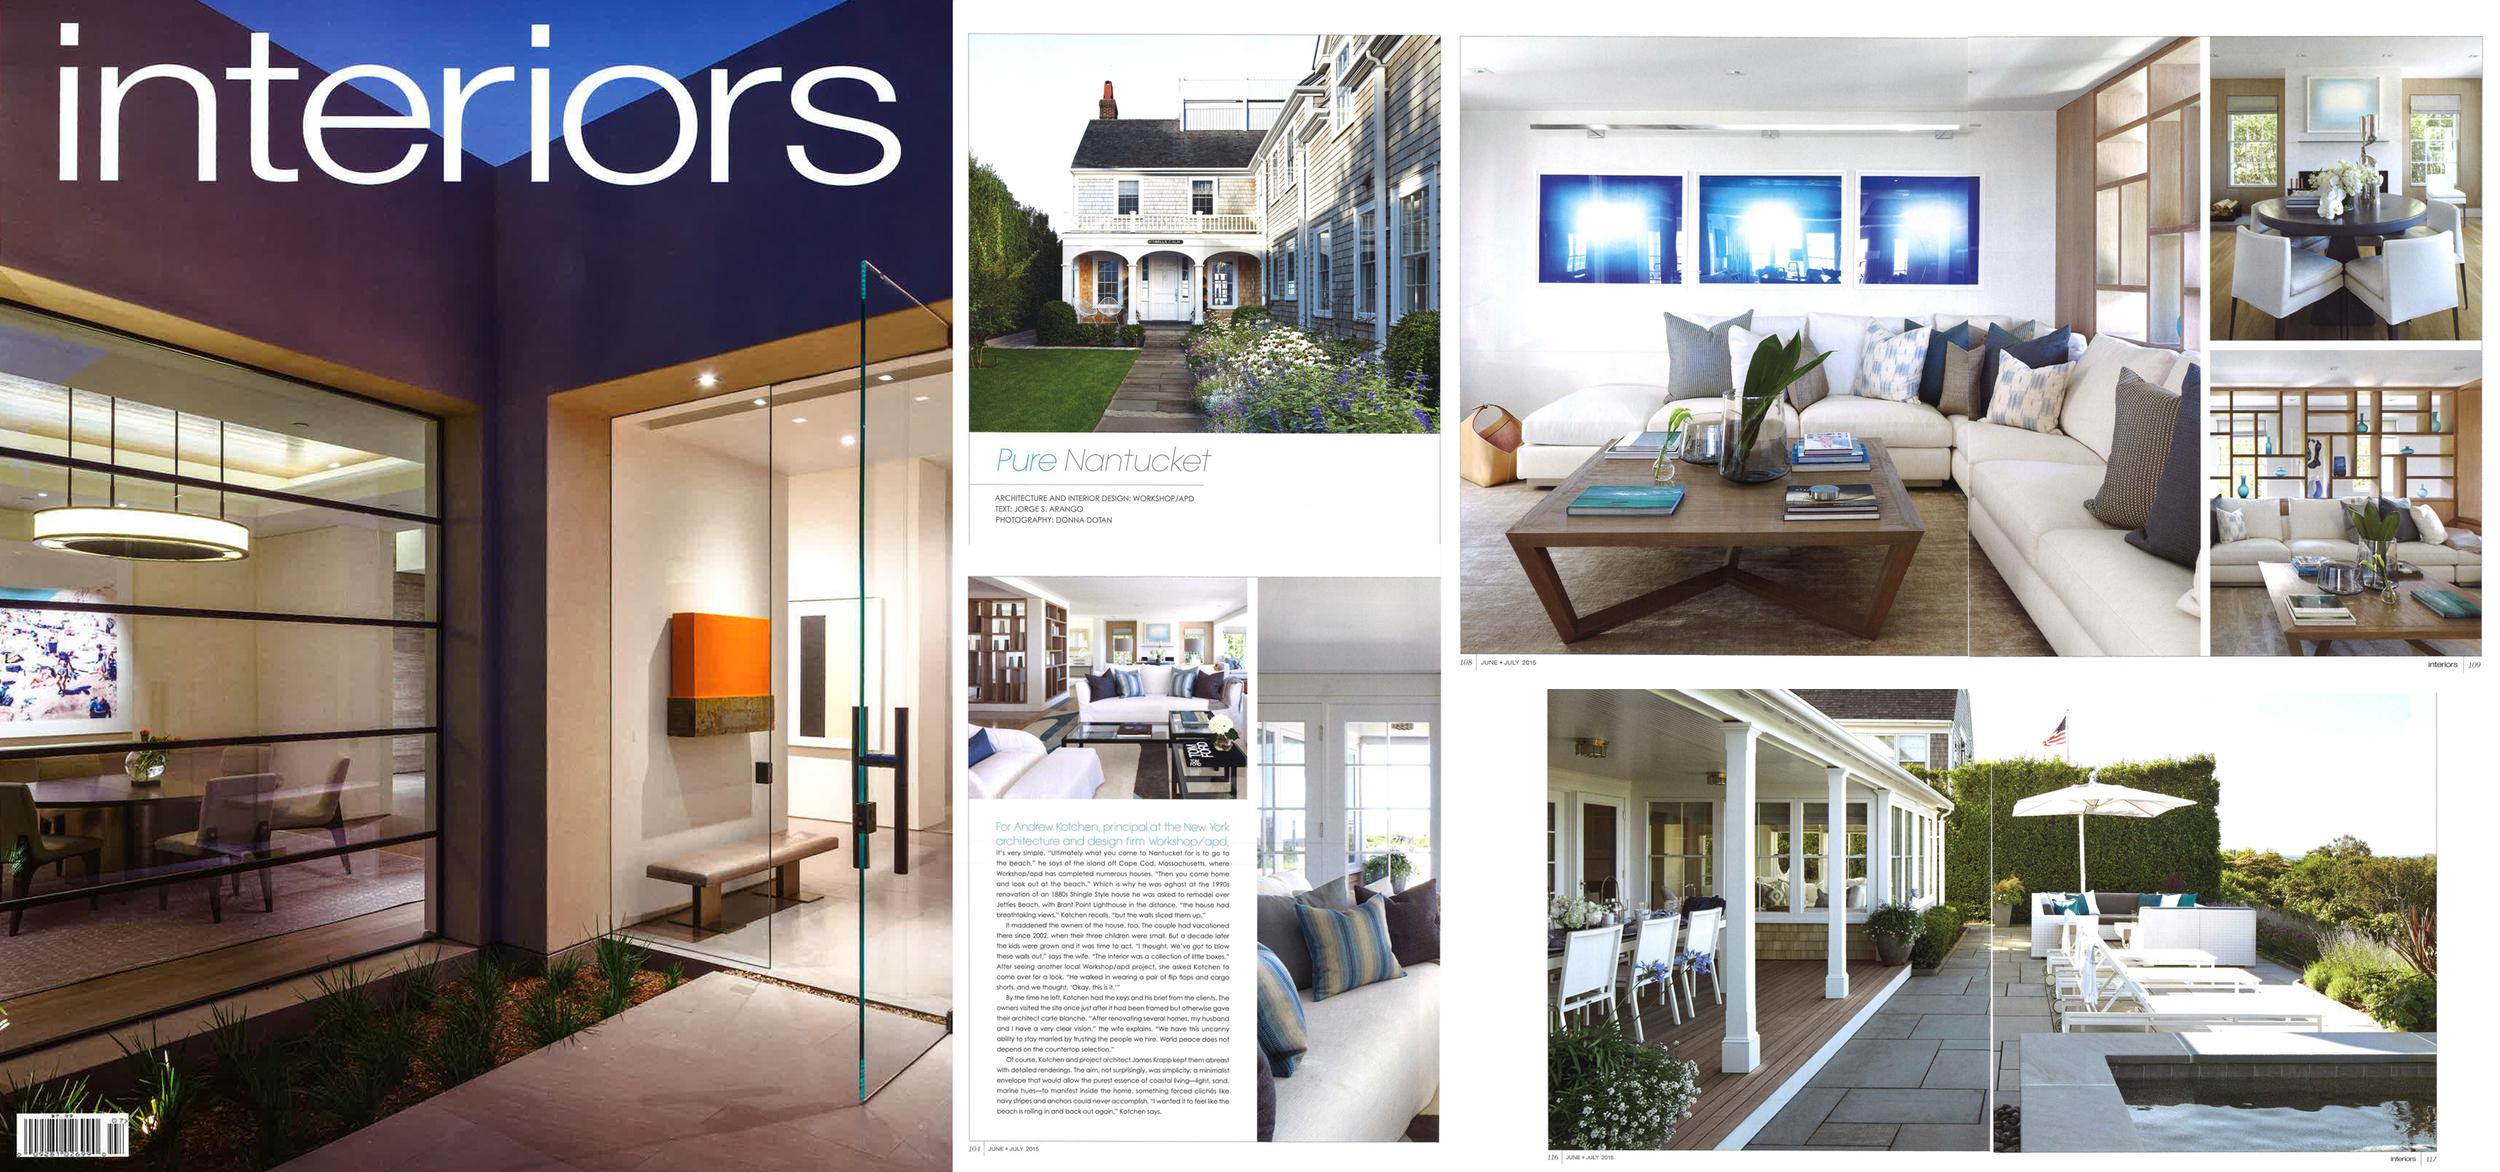 Interiors Magazine - July 2015